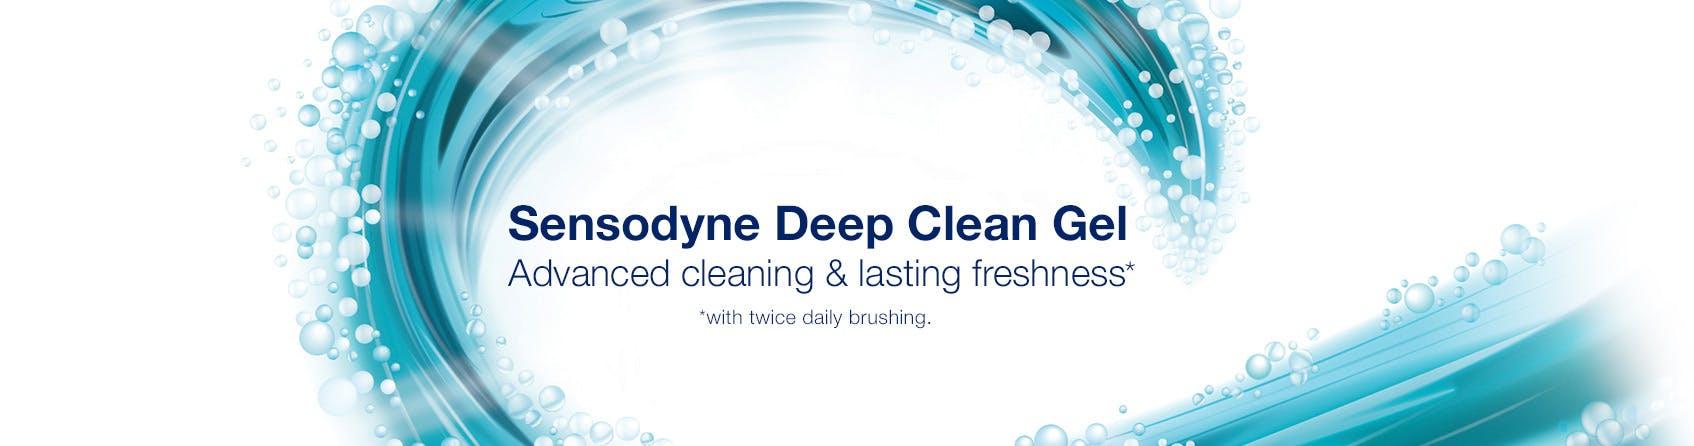 Sensodyne Deep Clean